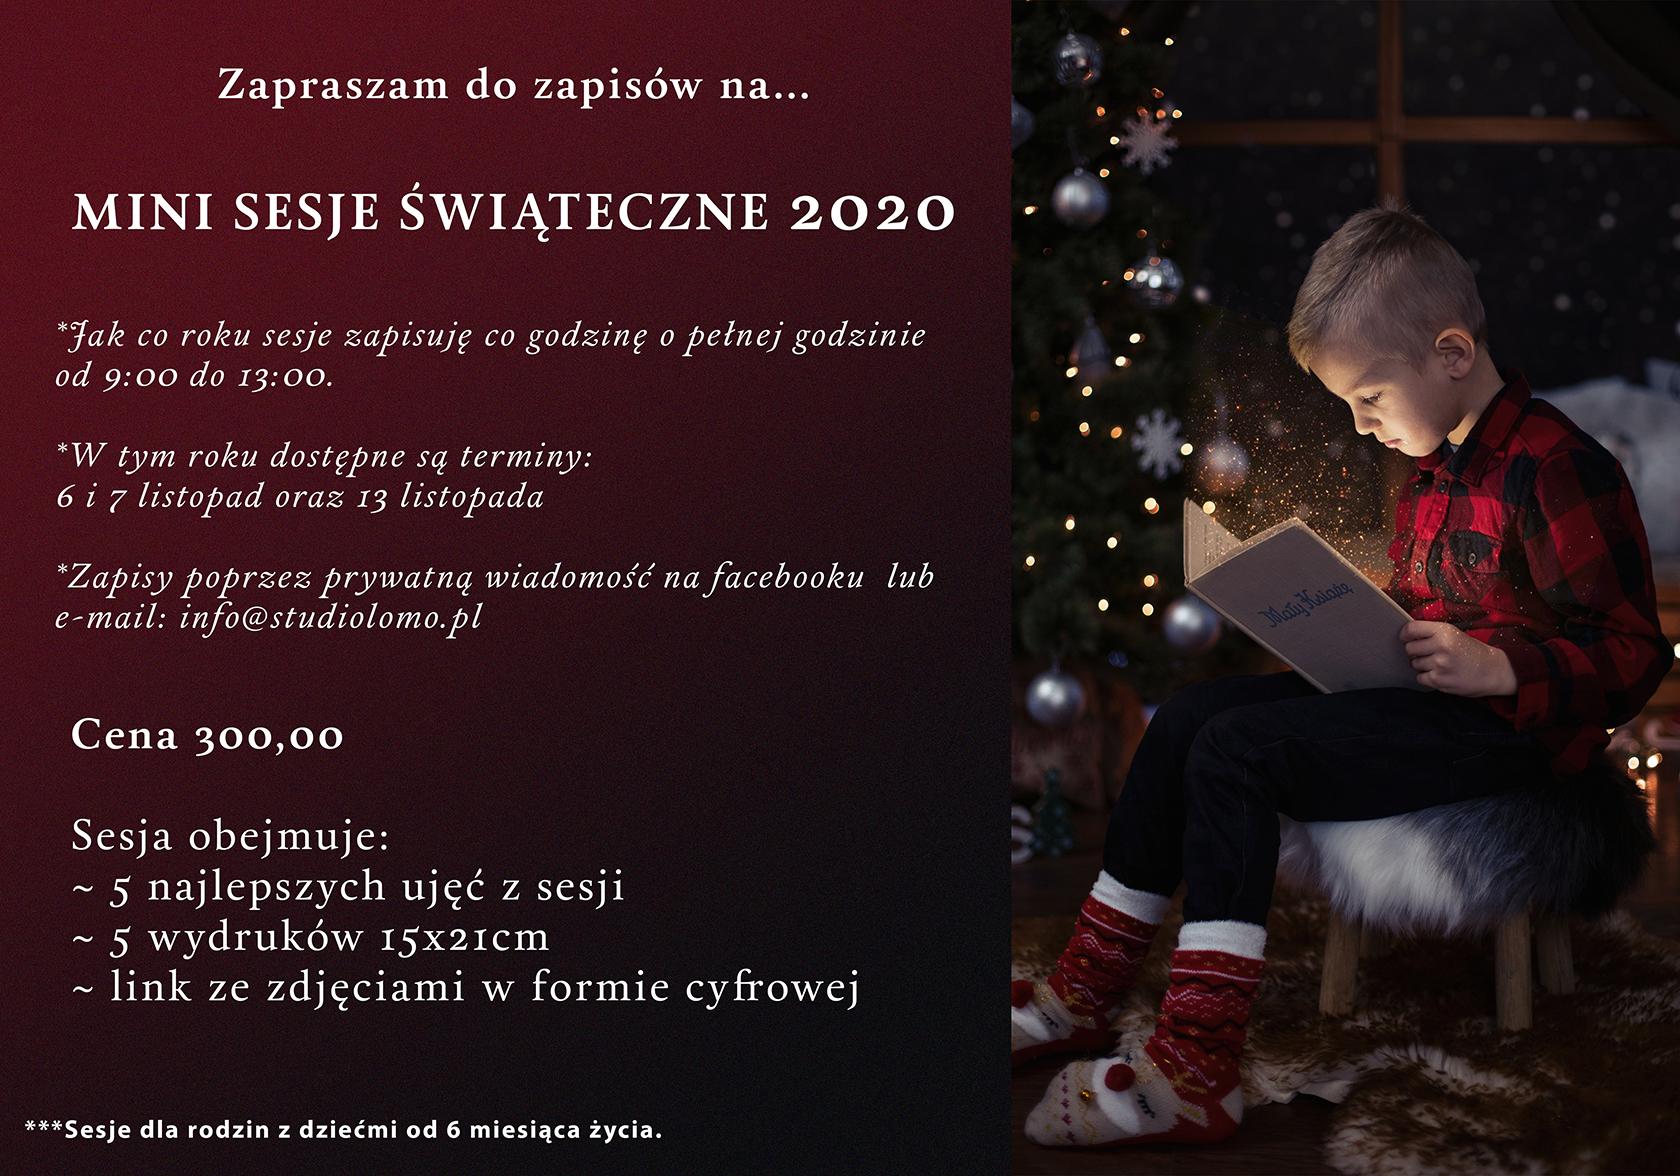 sesje świąteczne 2020